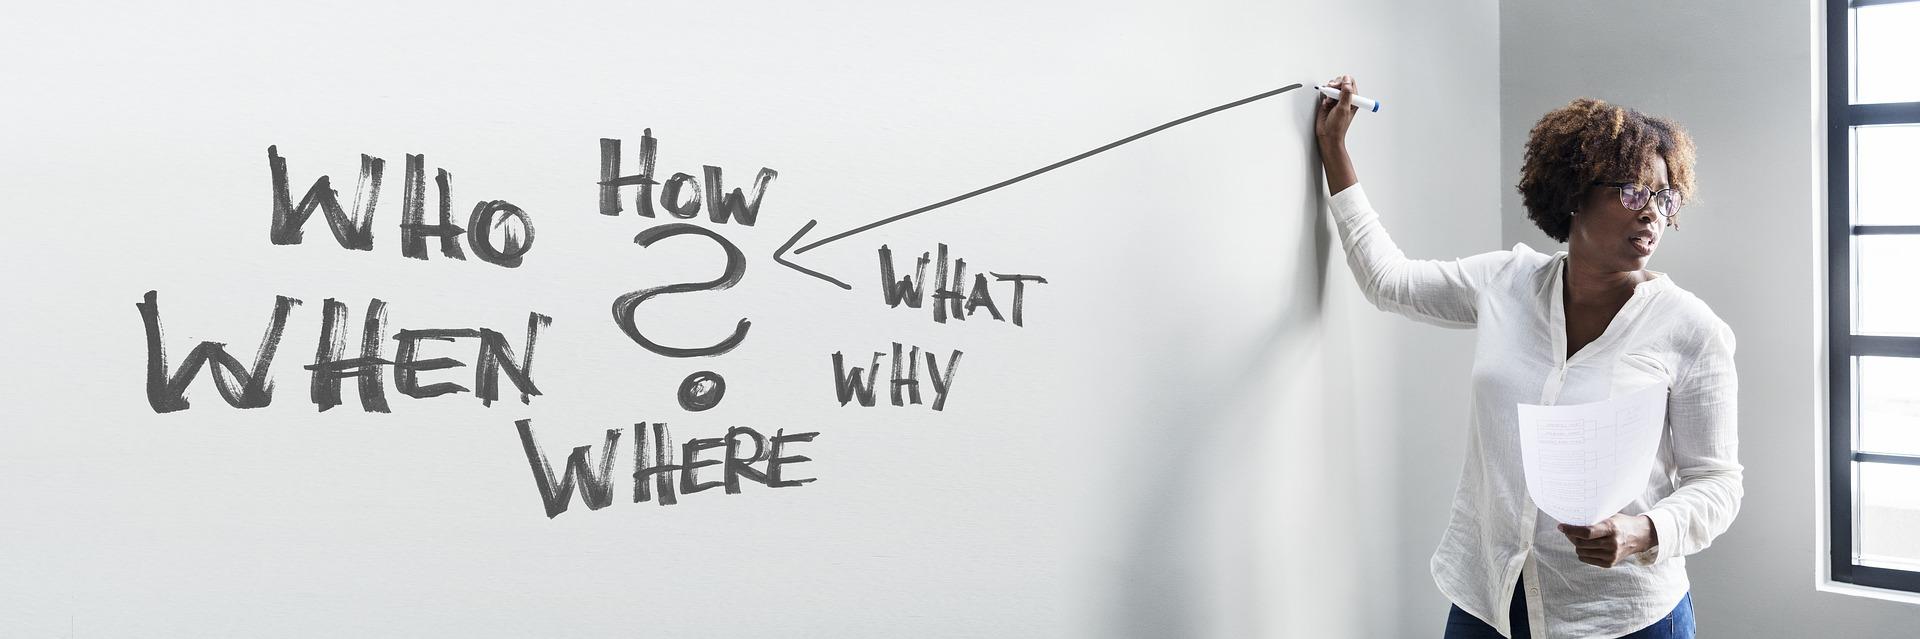 Comment_utiliser_les_conférences_pour_développer_votre_liste_d_adresses_électroniques_?